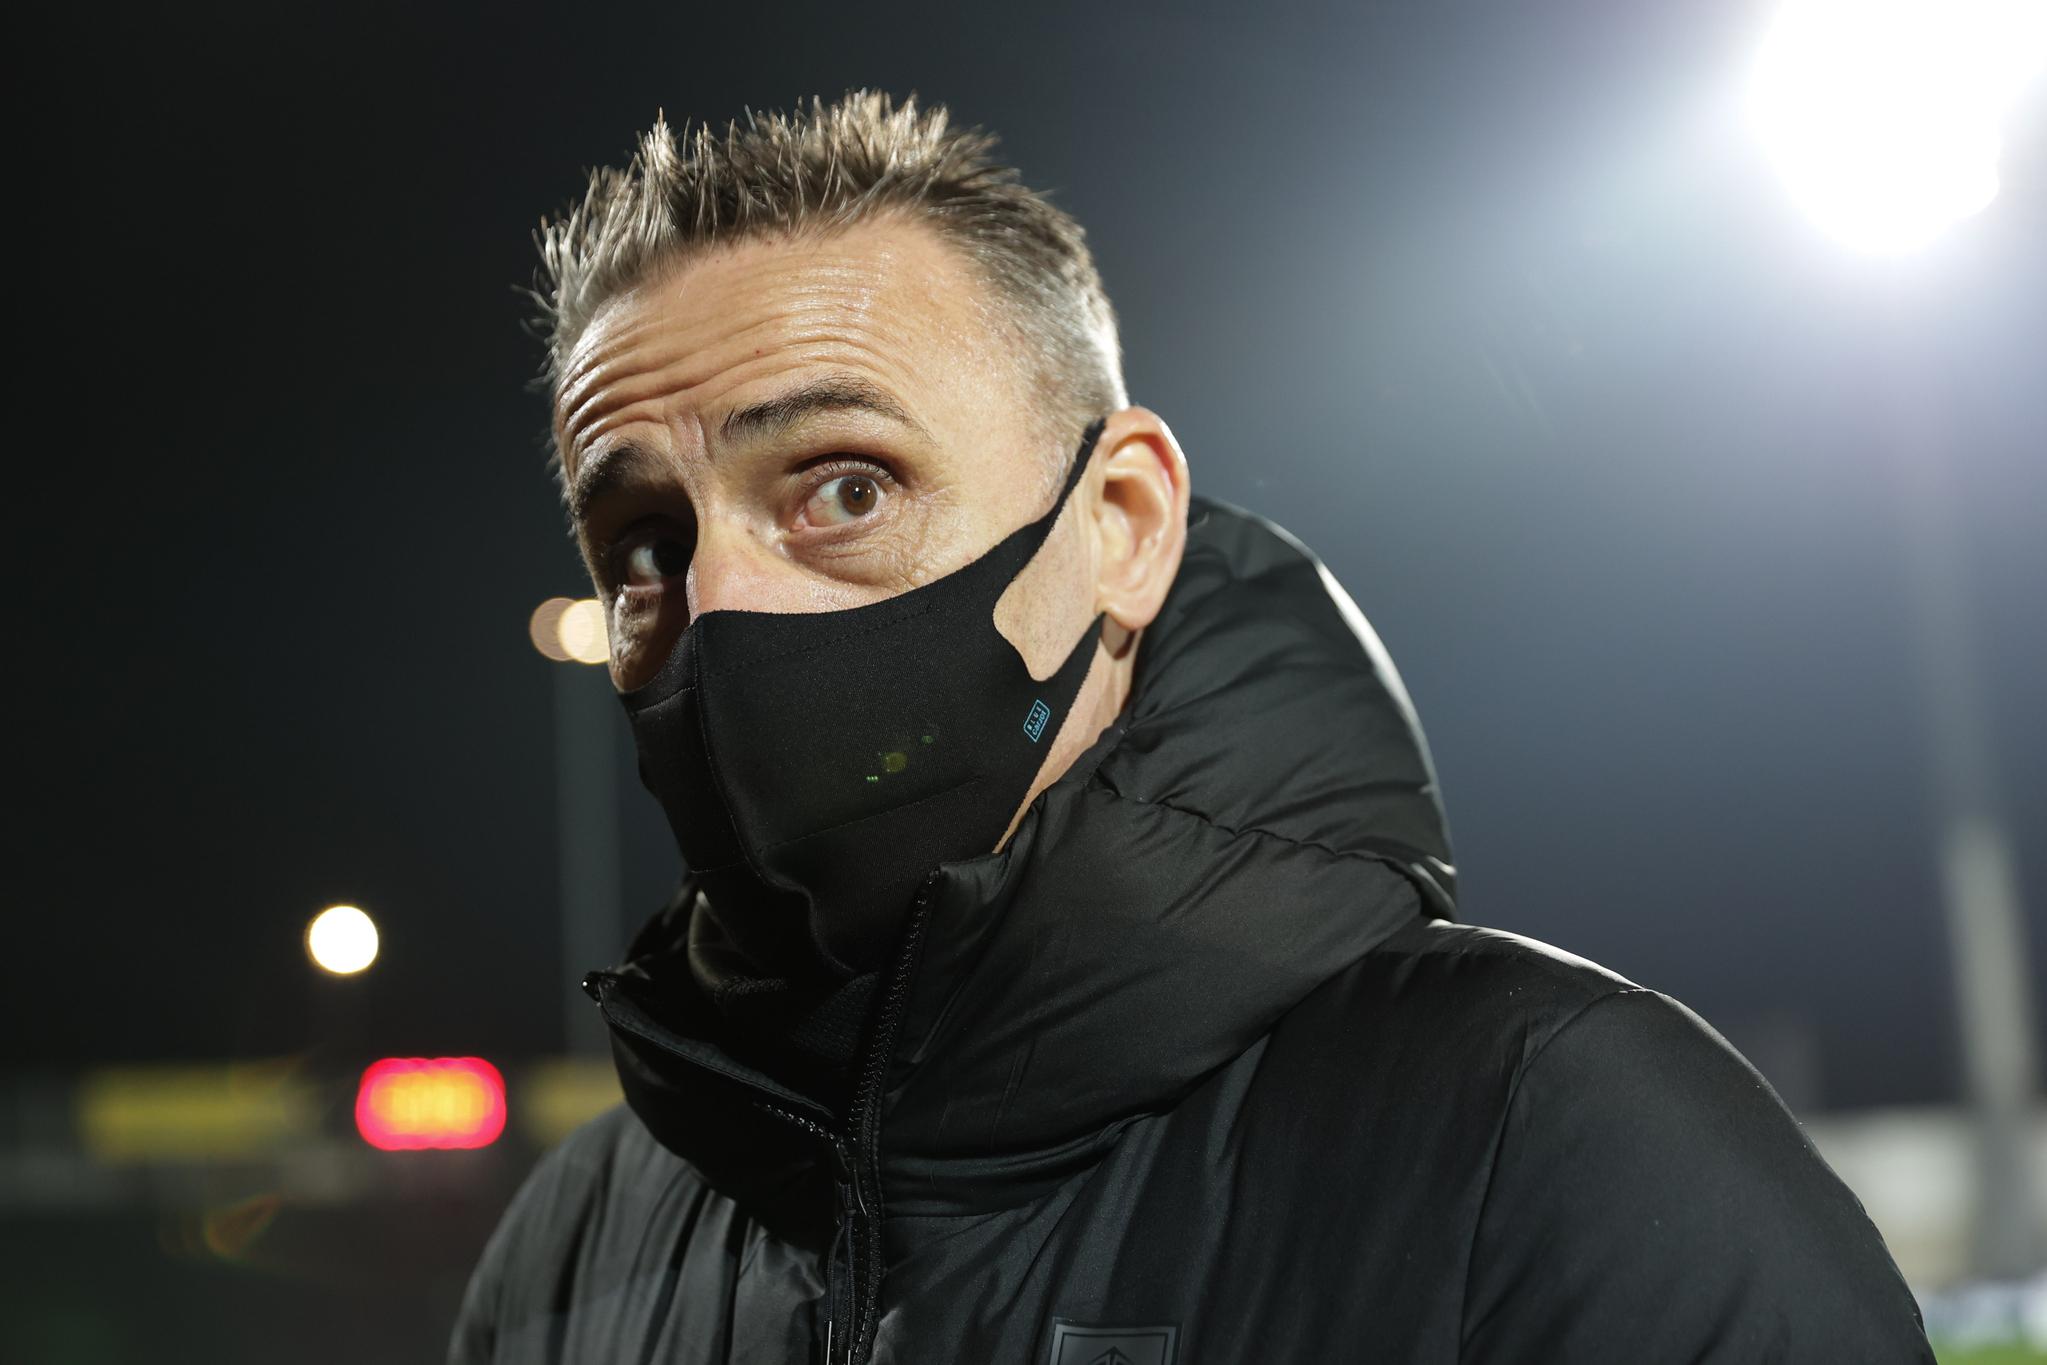 한국축구대표팀 벤투 감독은 15일 오스트리아에서 멕시코와 평가전을 치렀다. [사진 대한축구협회]